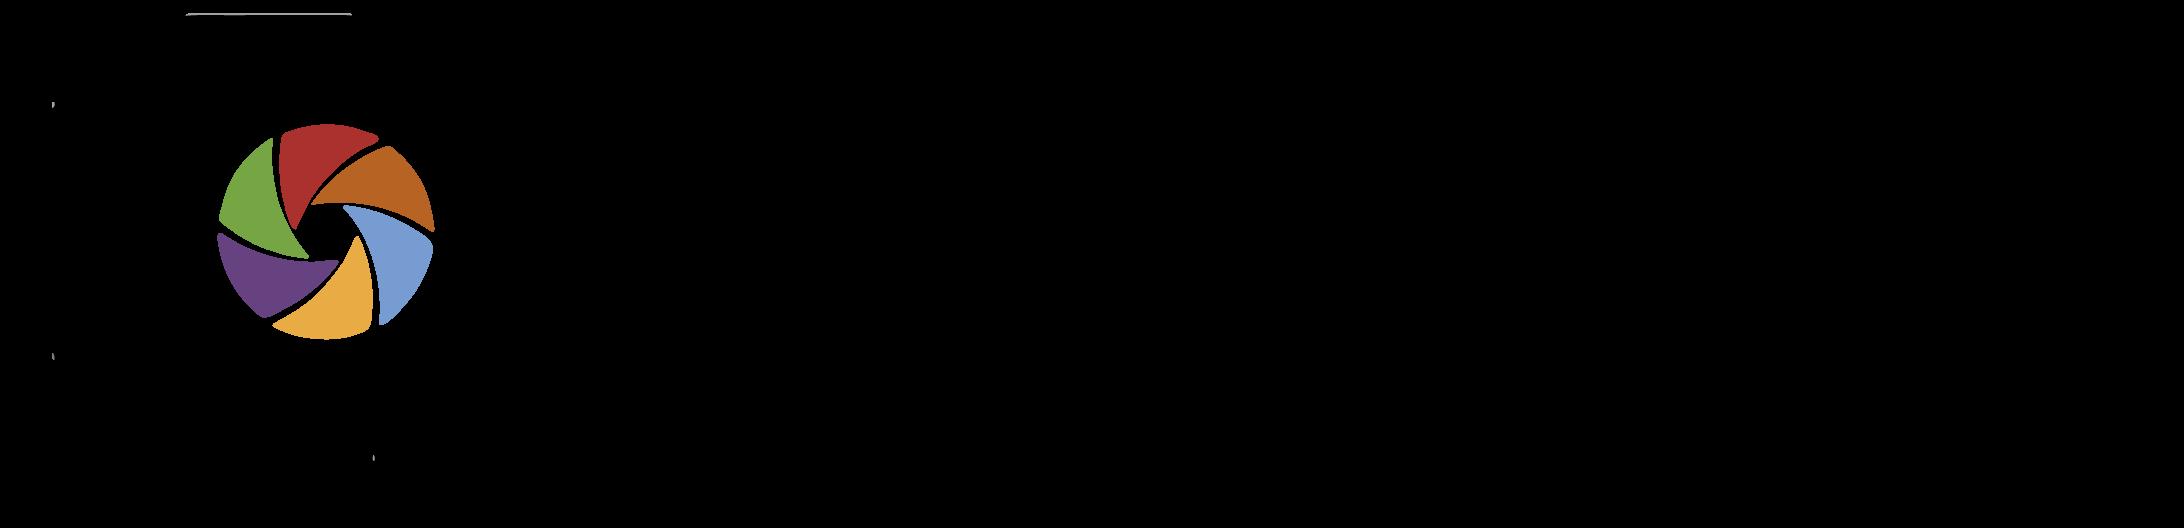 גל יאסנקוב סטודיו לצילום